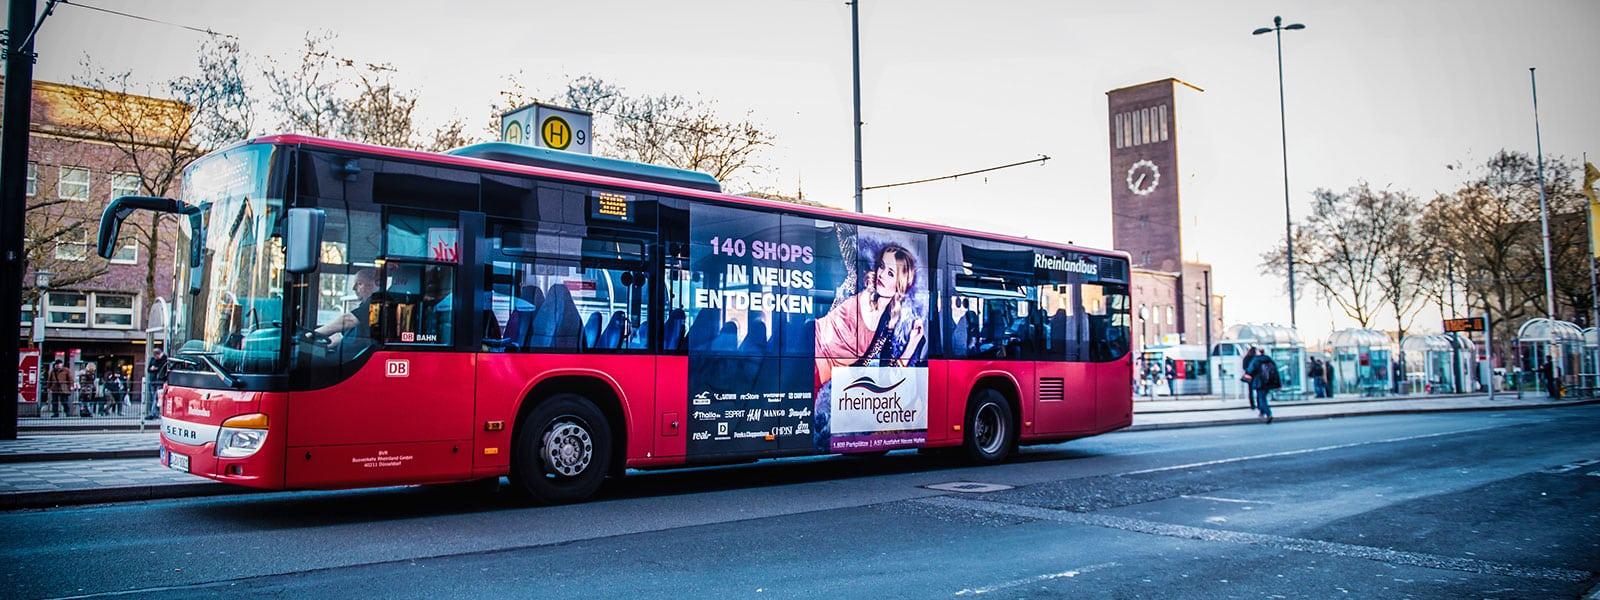 Leverkusen-Verkehrsmittelwerbung-Bus-Traffic-Board